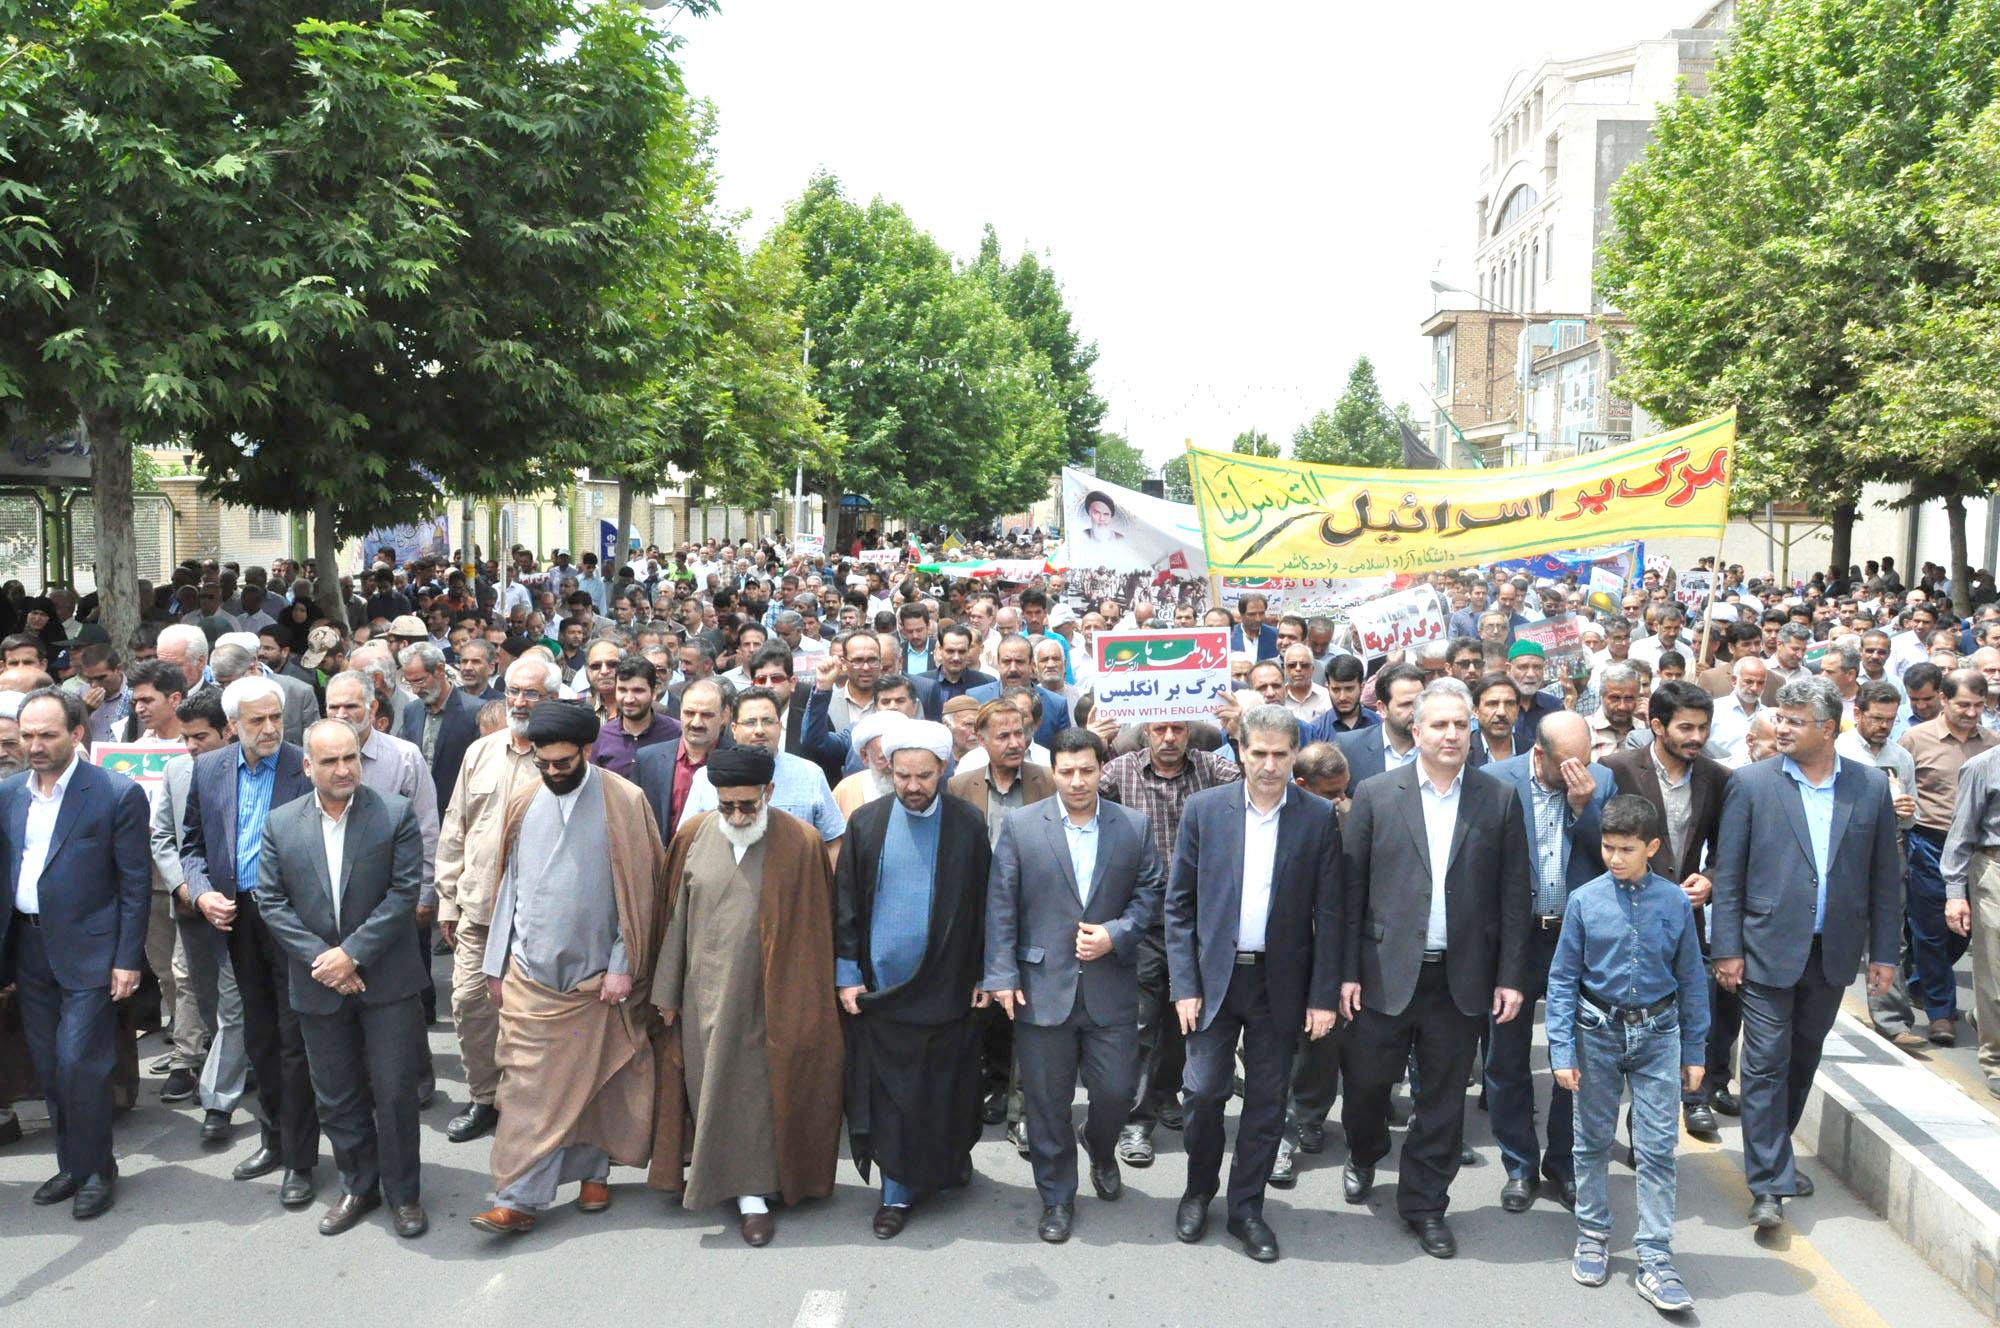 آمریکا و اسرائیل در برابر ایستادگی ملت فلسطین و ایران اسلامی مستأصل شدهاند